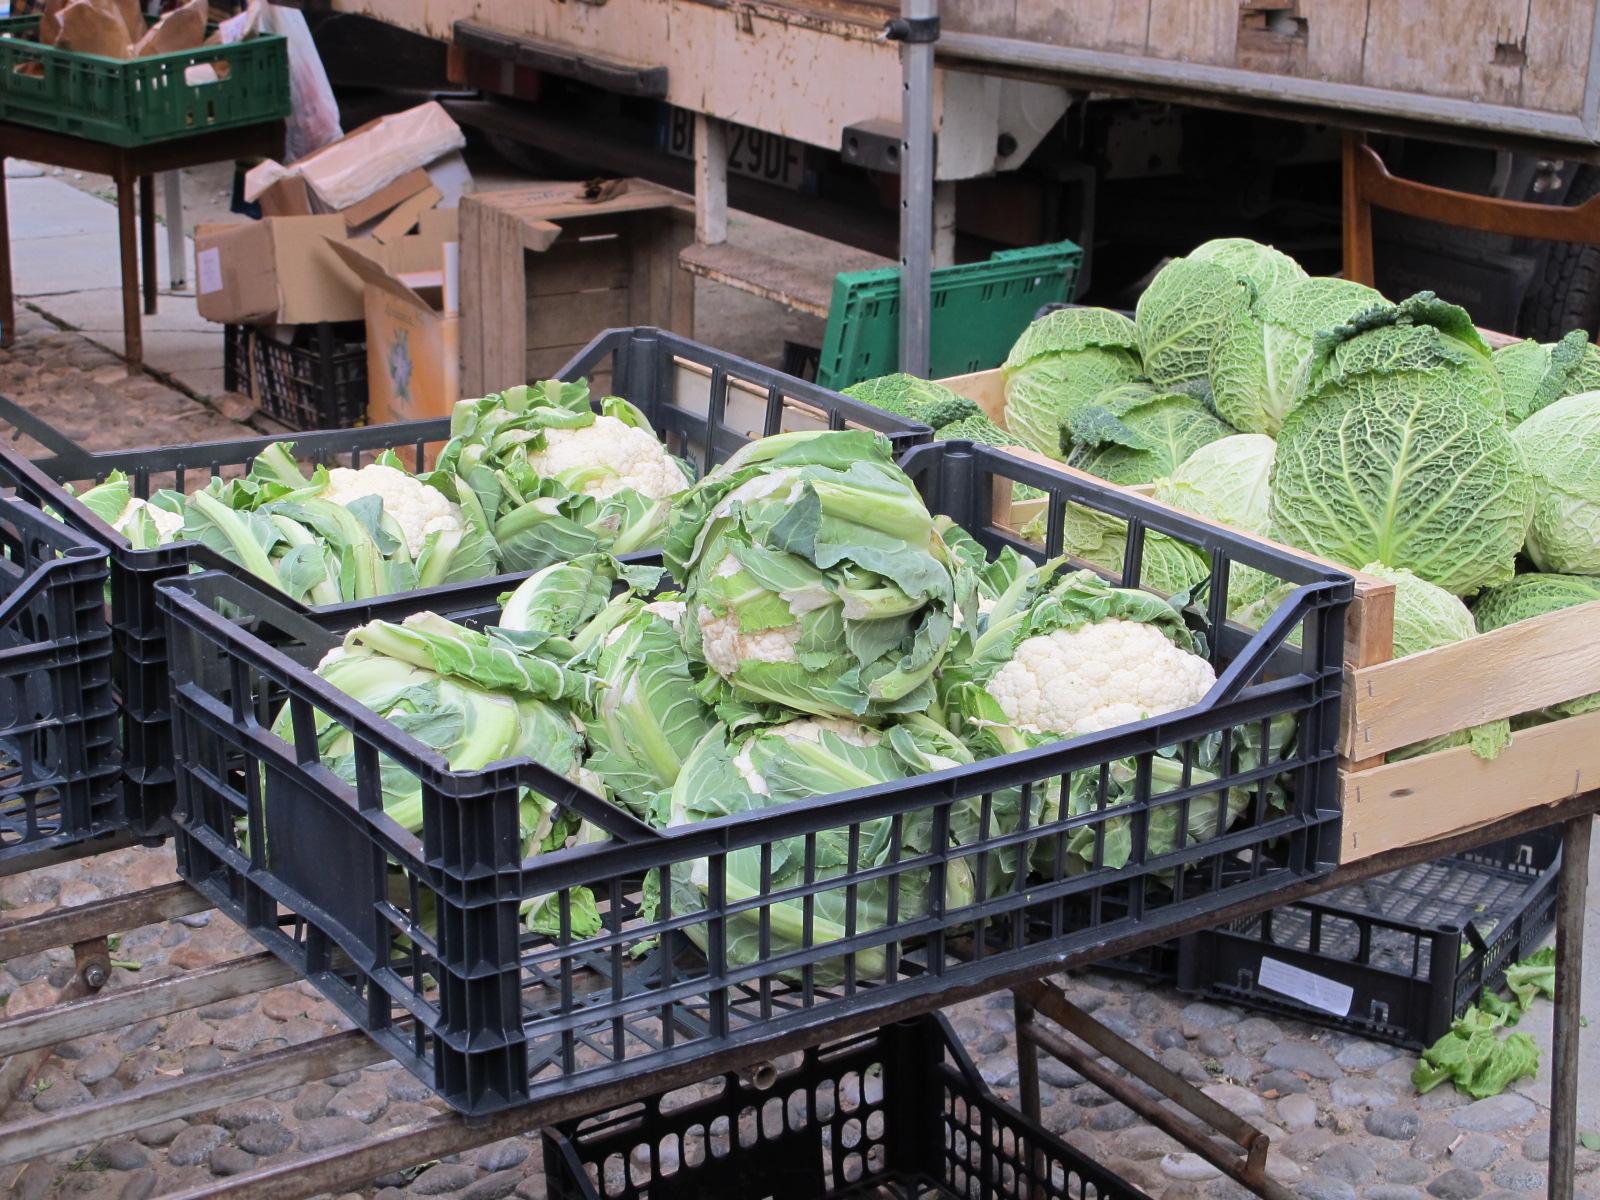 le marché à km 0 de la Cascina Cuccagna